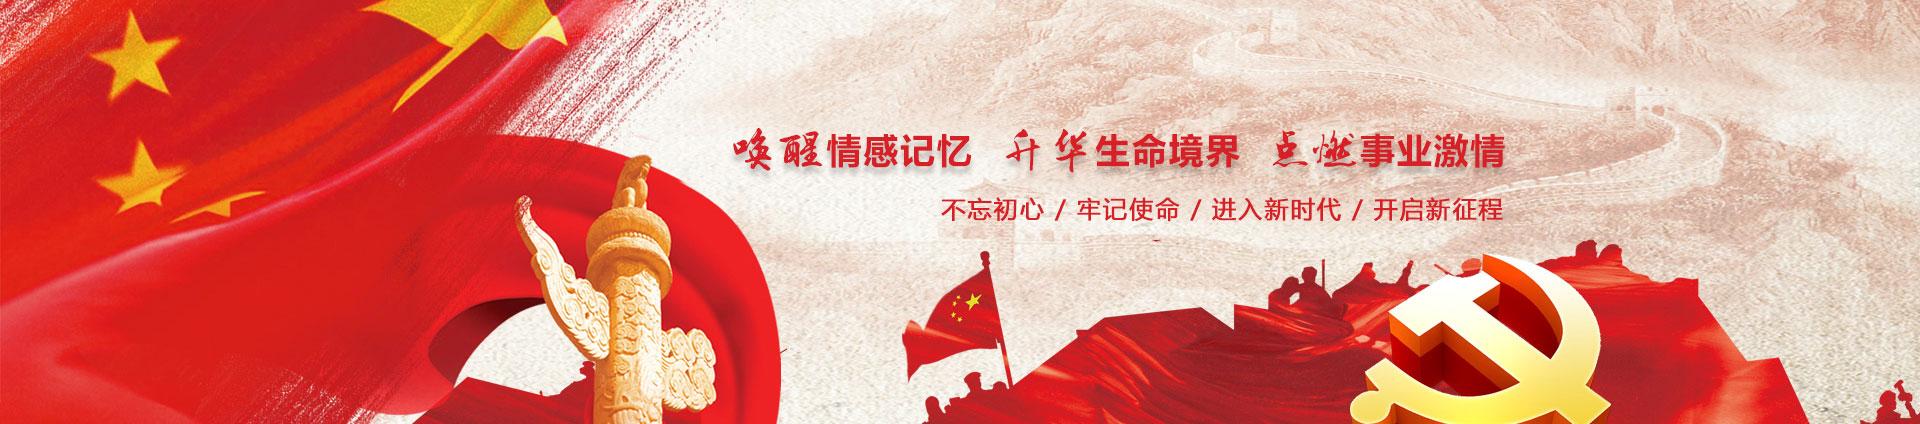 延安圆梦领航文化教育培训中心党性教育培训